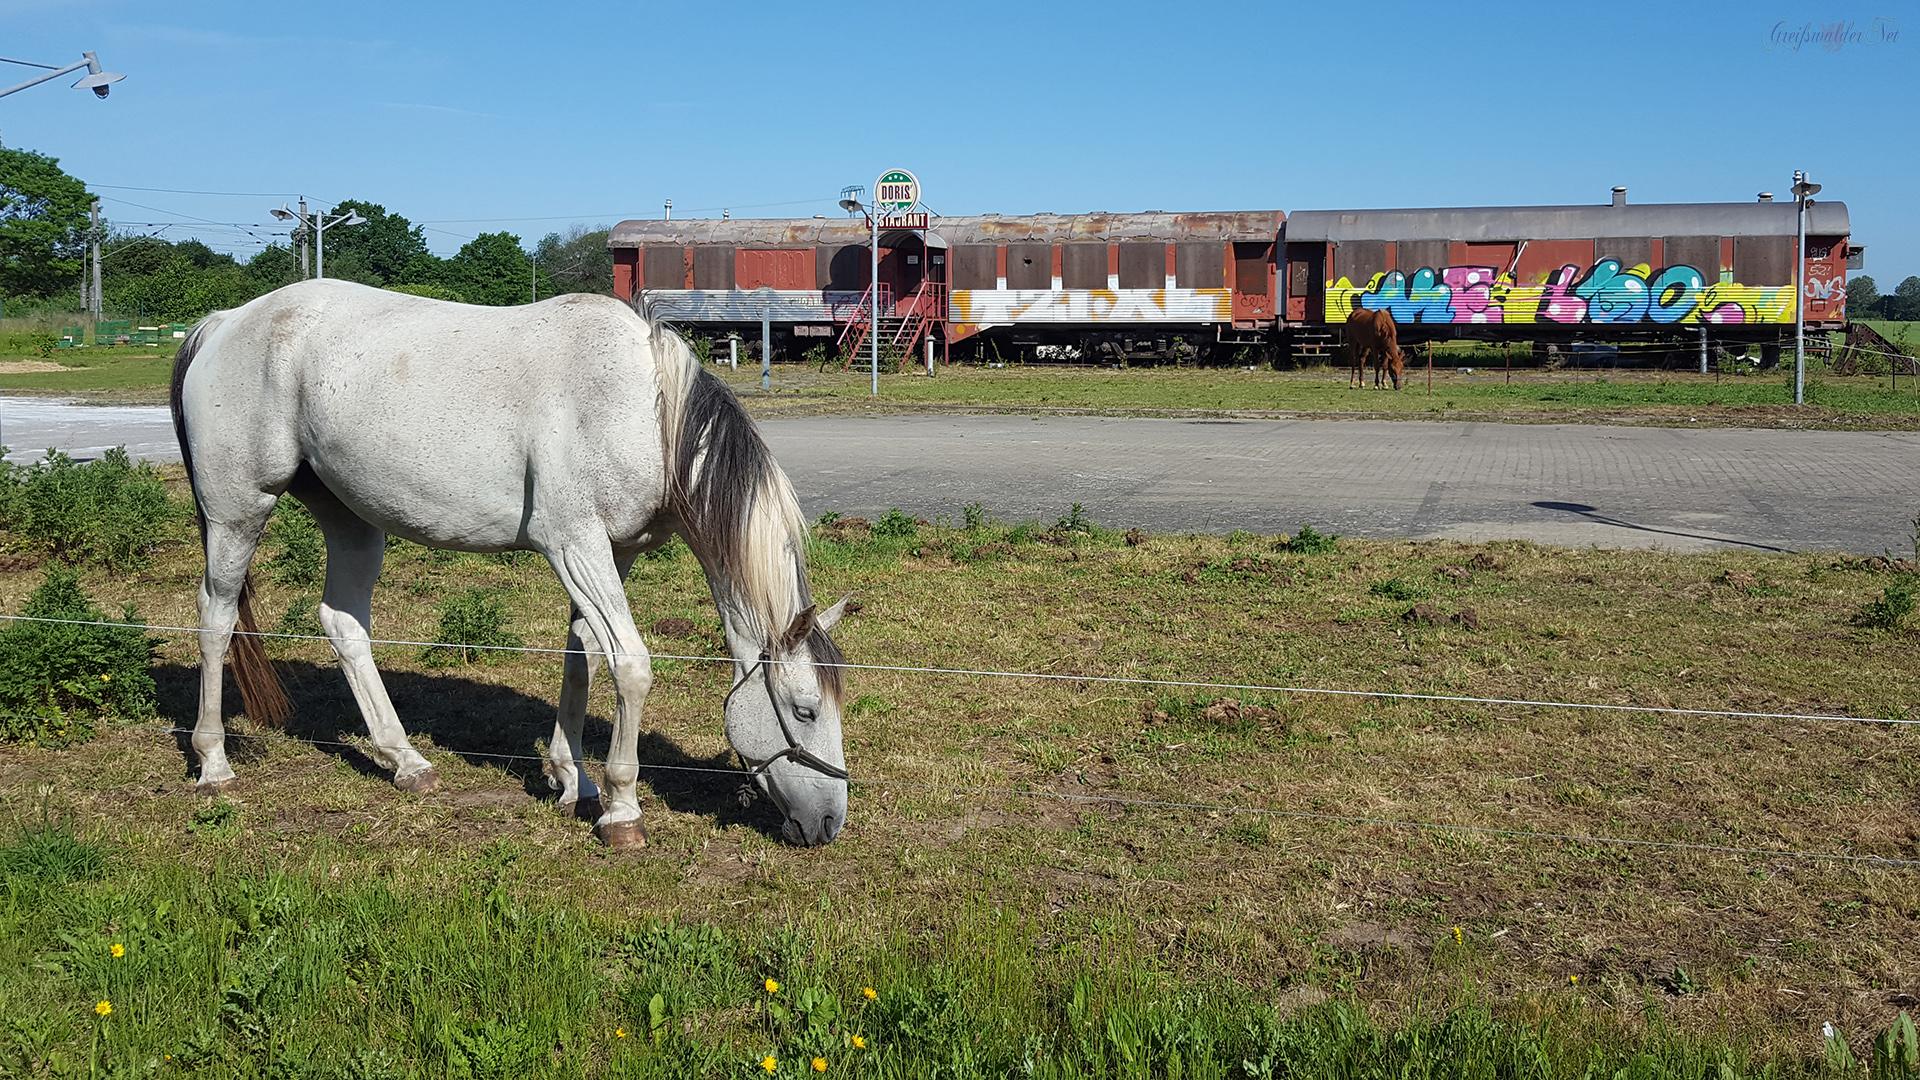 Pferde am ehemaligen Doris Diner (American Restaurant) in Wackerow